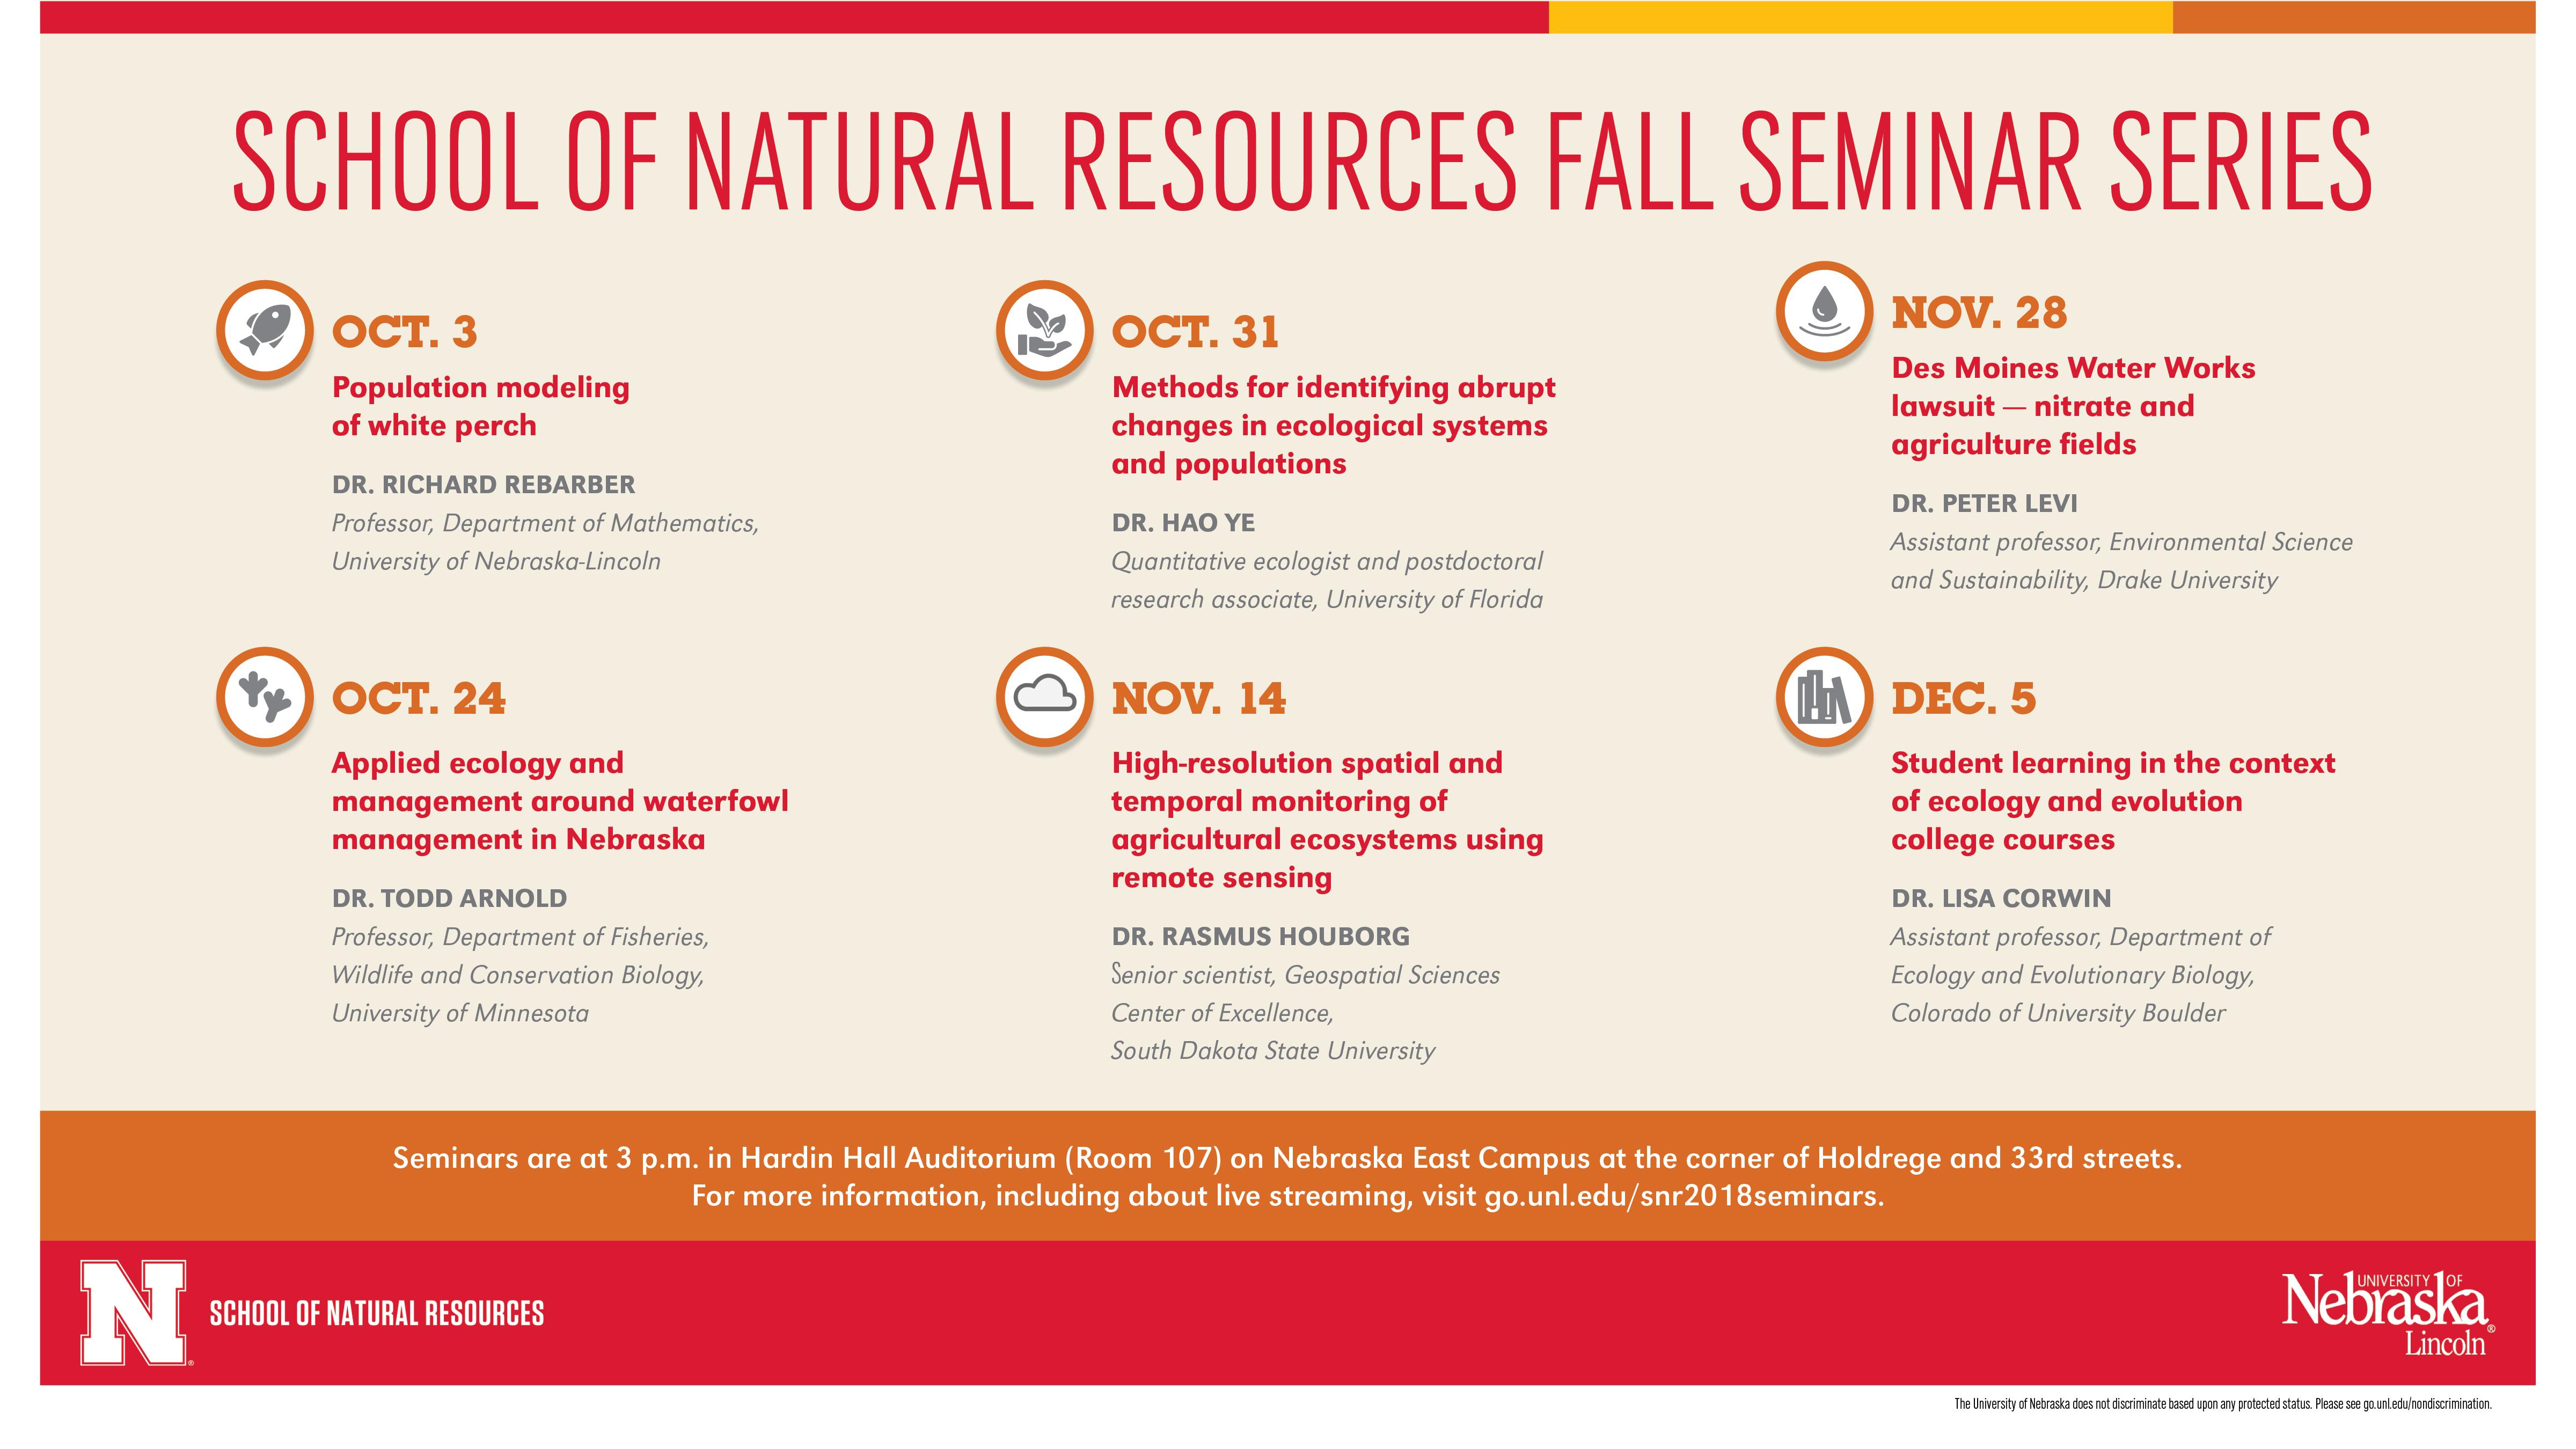 SNR Fall 2018 Seminar schedule